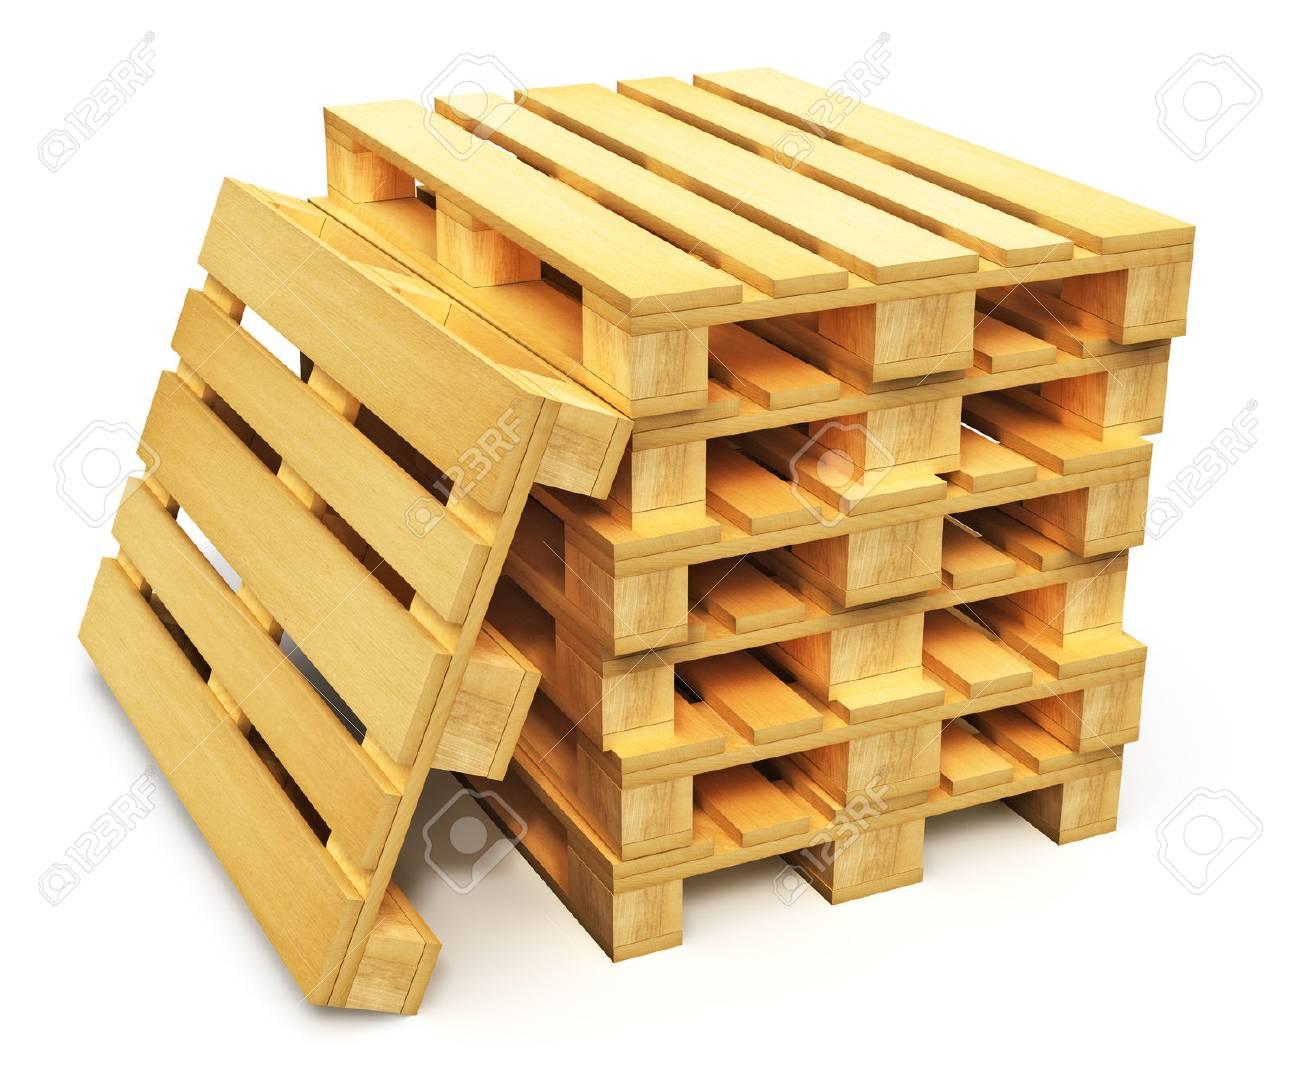 Mua bán, thanh lý gỗ Pallet tại Buôn Ma Thuột Đaklak